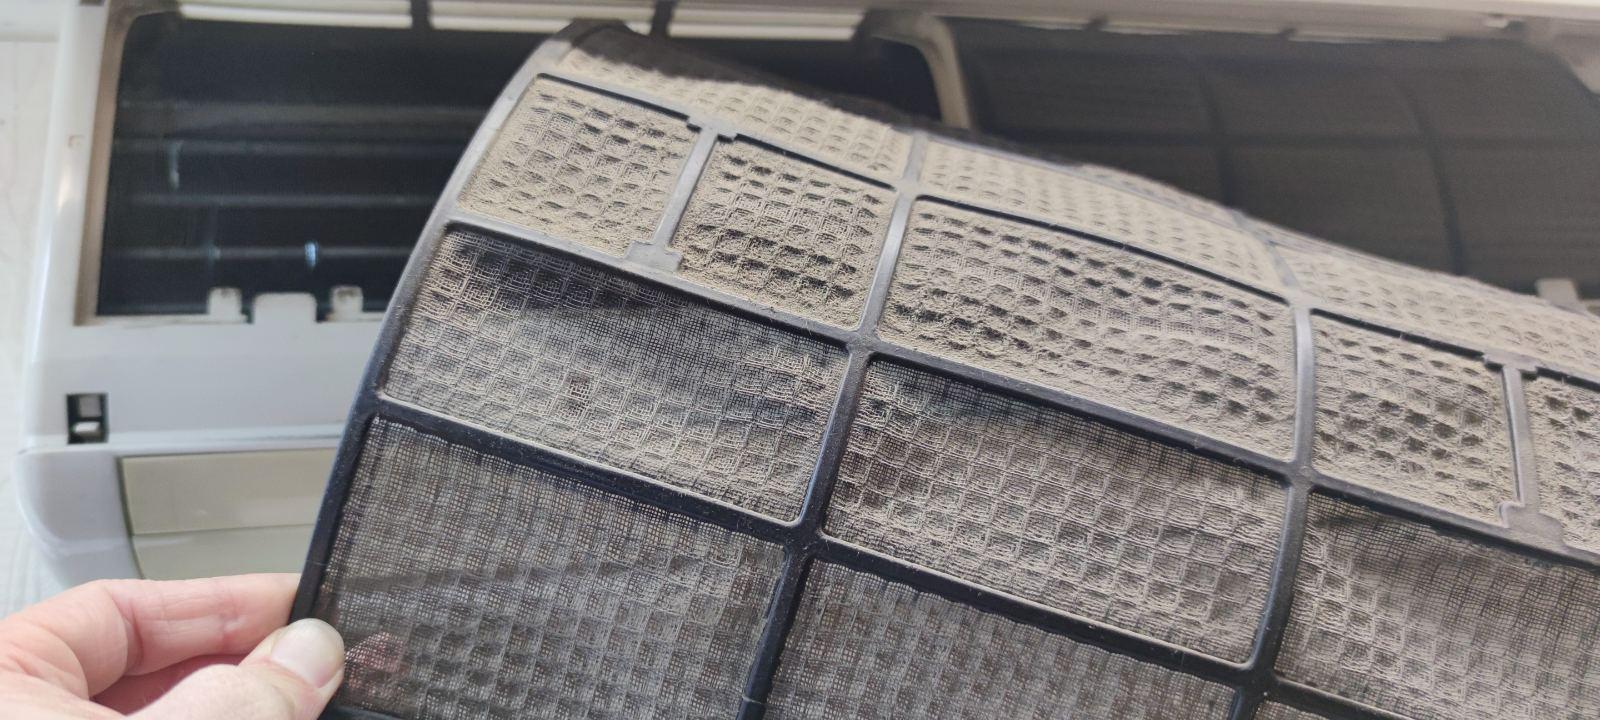 чистка фильтра кондиционера